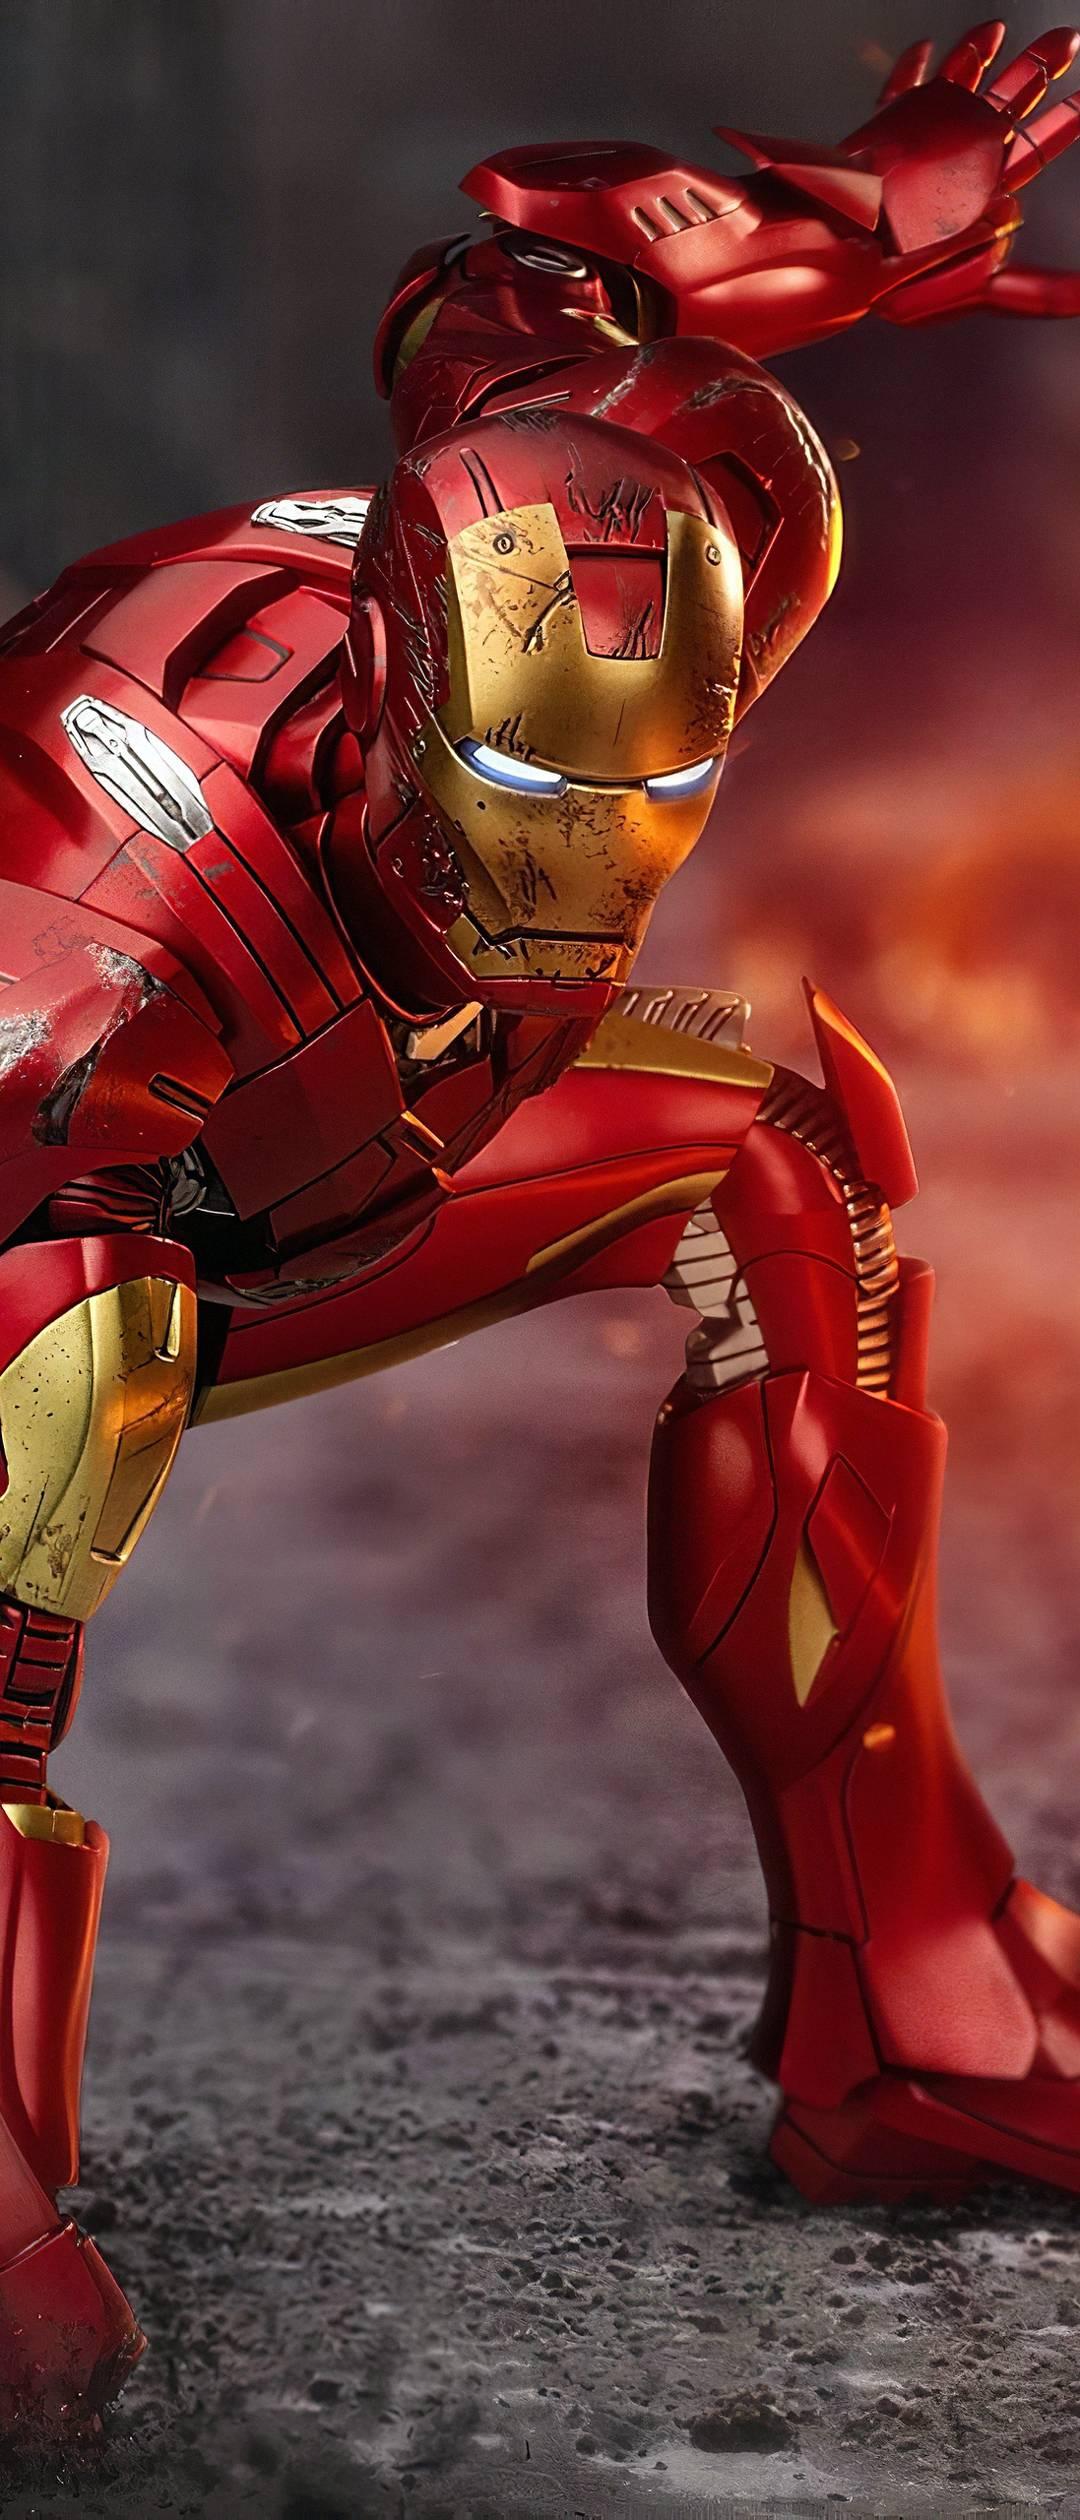 Iron man wallpaper - HD Mobile Walls